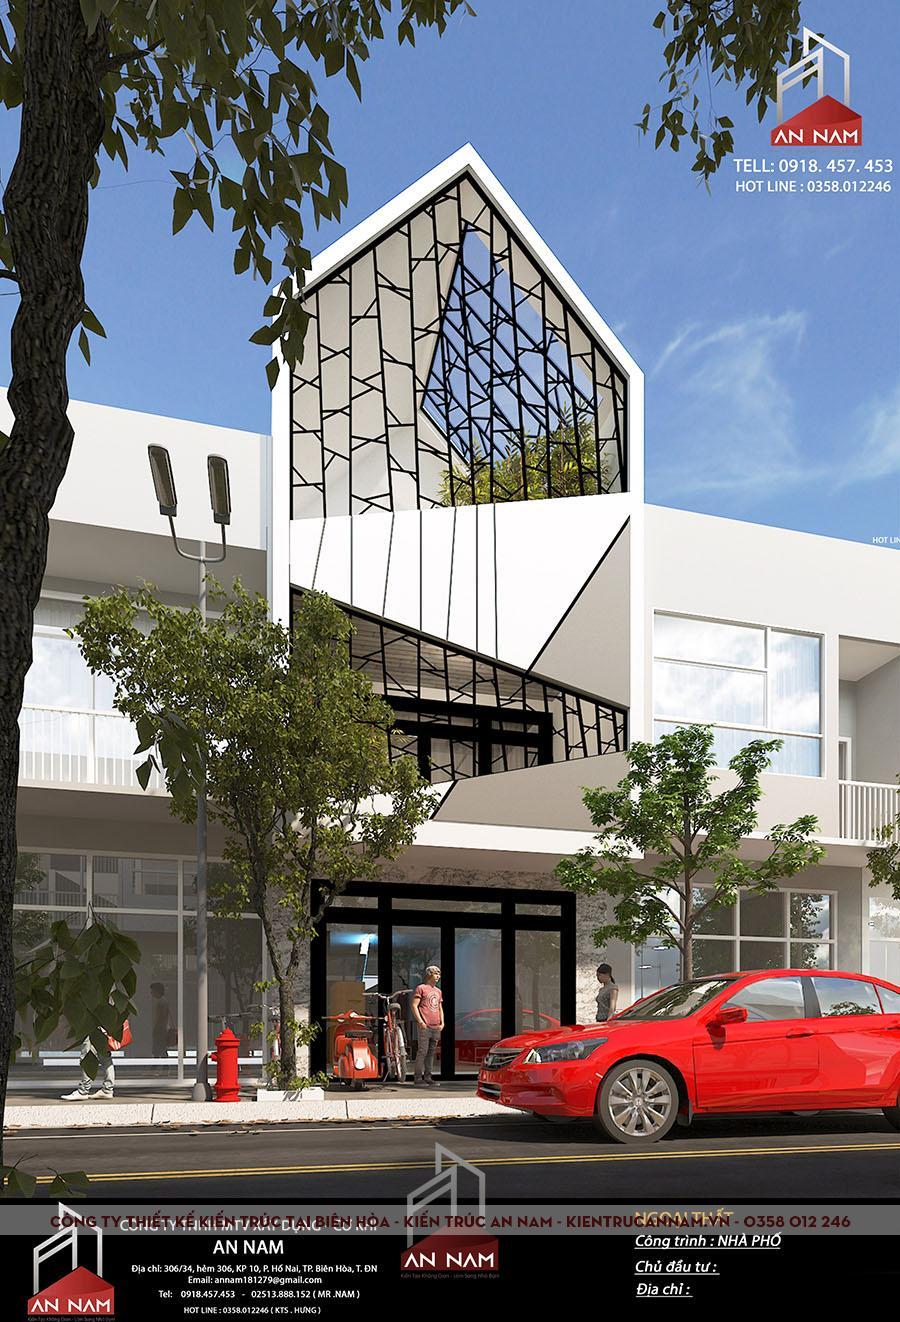 thiết kế kiến trúc nhà phố 3 tầng Bình Dương sang trọng